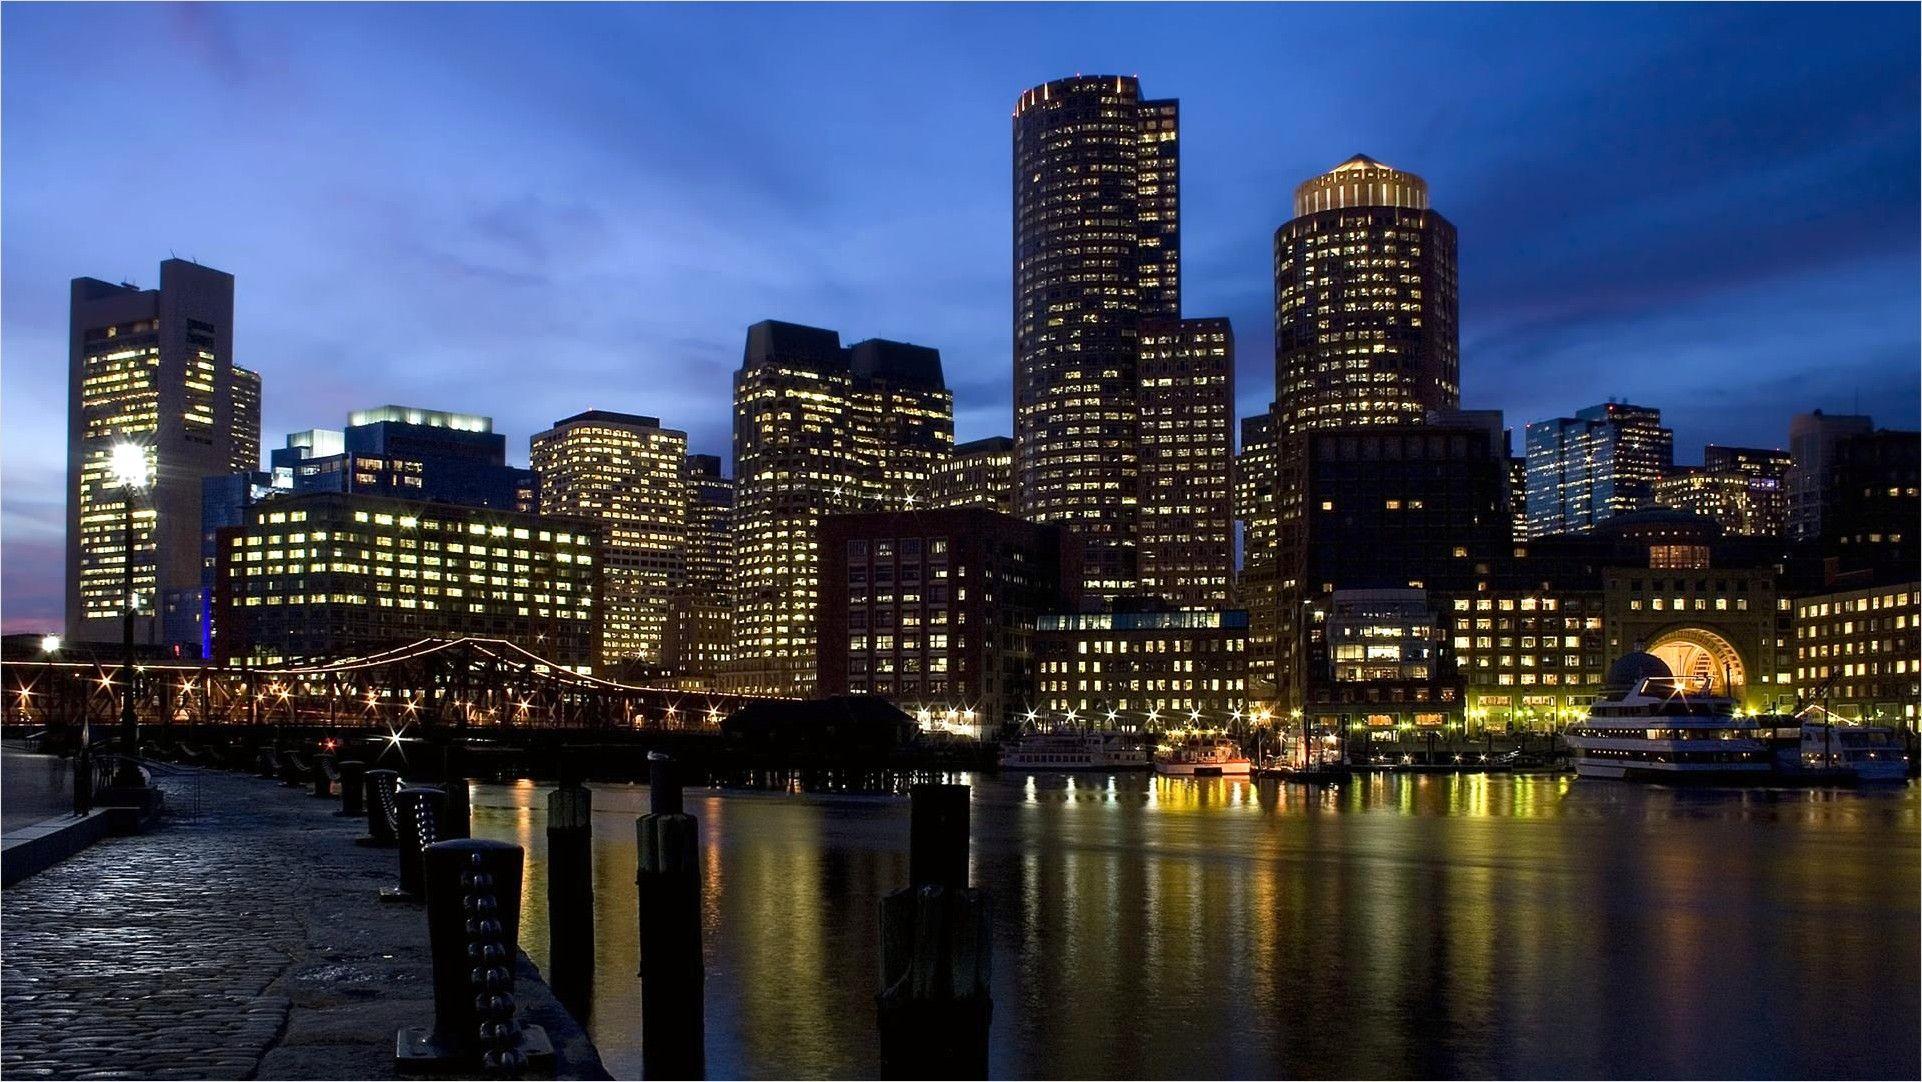 4k Wallpaper La Skyline In 2020 Los Angeles Wallpaper Cityscape Wallpaper Boston Wallpaper